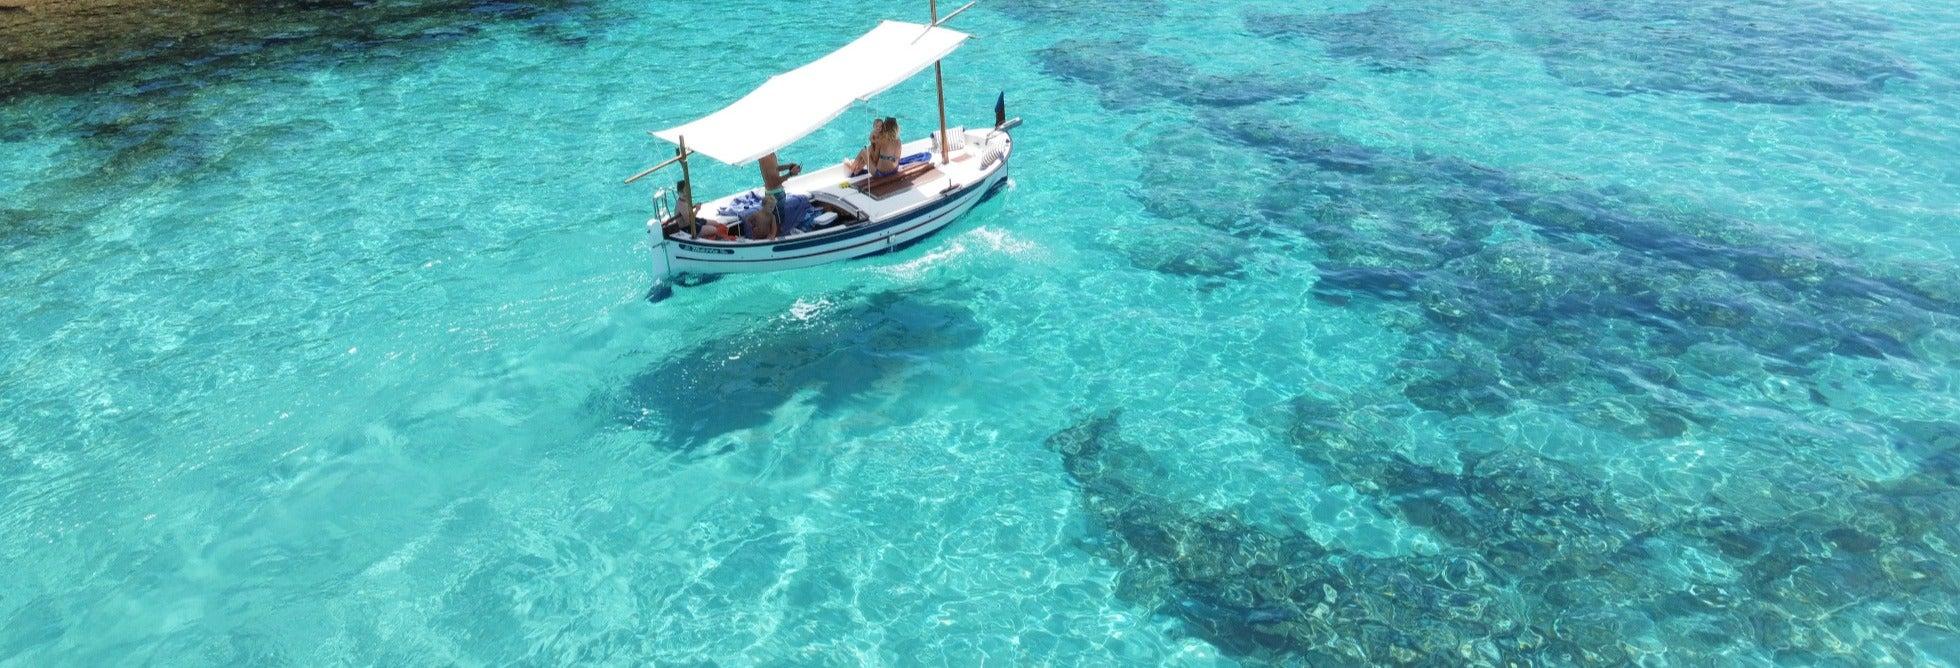 Location de bateau privé sans permis à Formentera